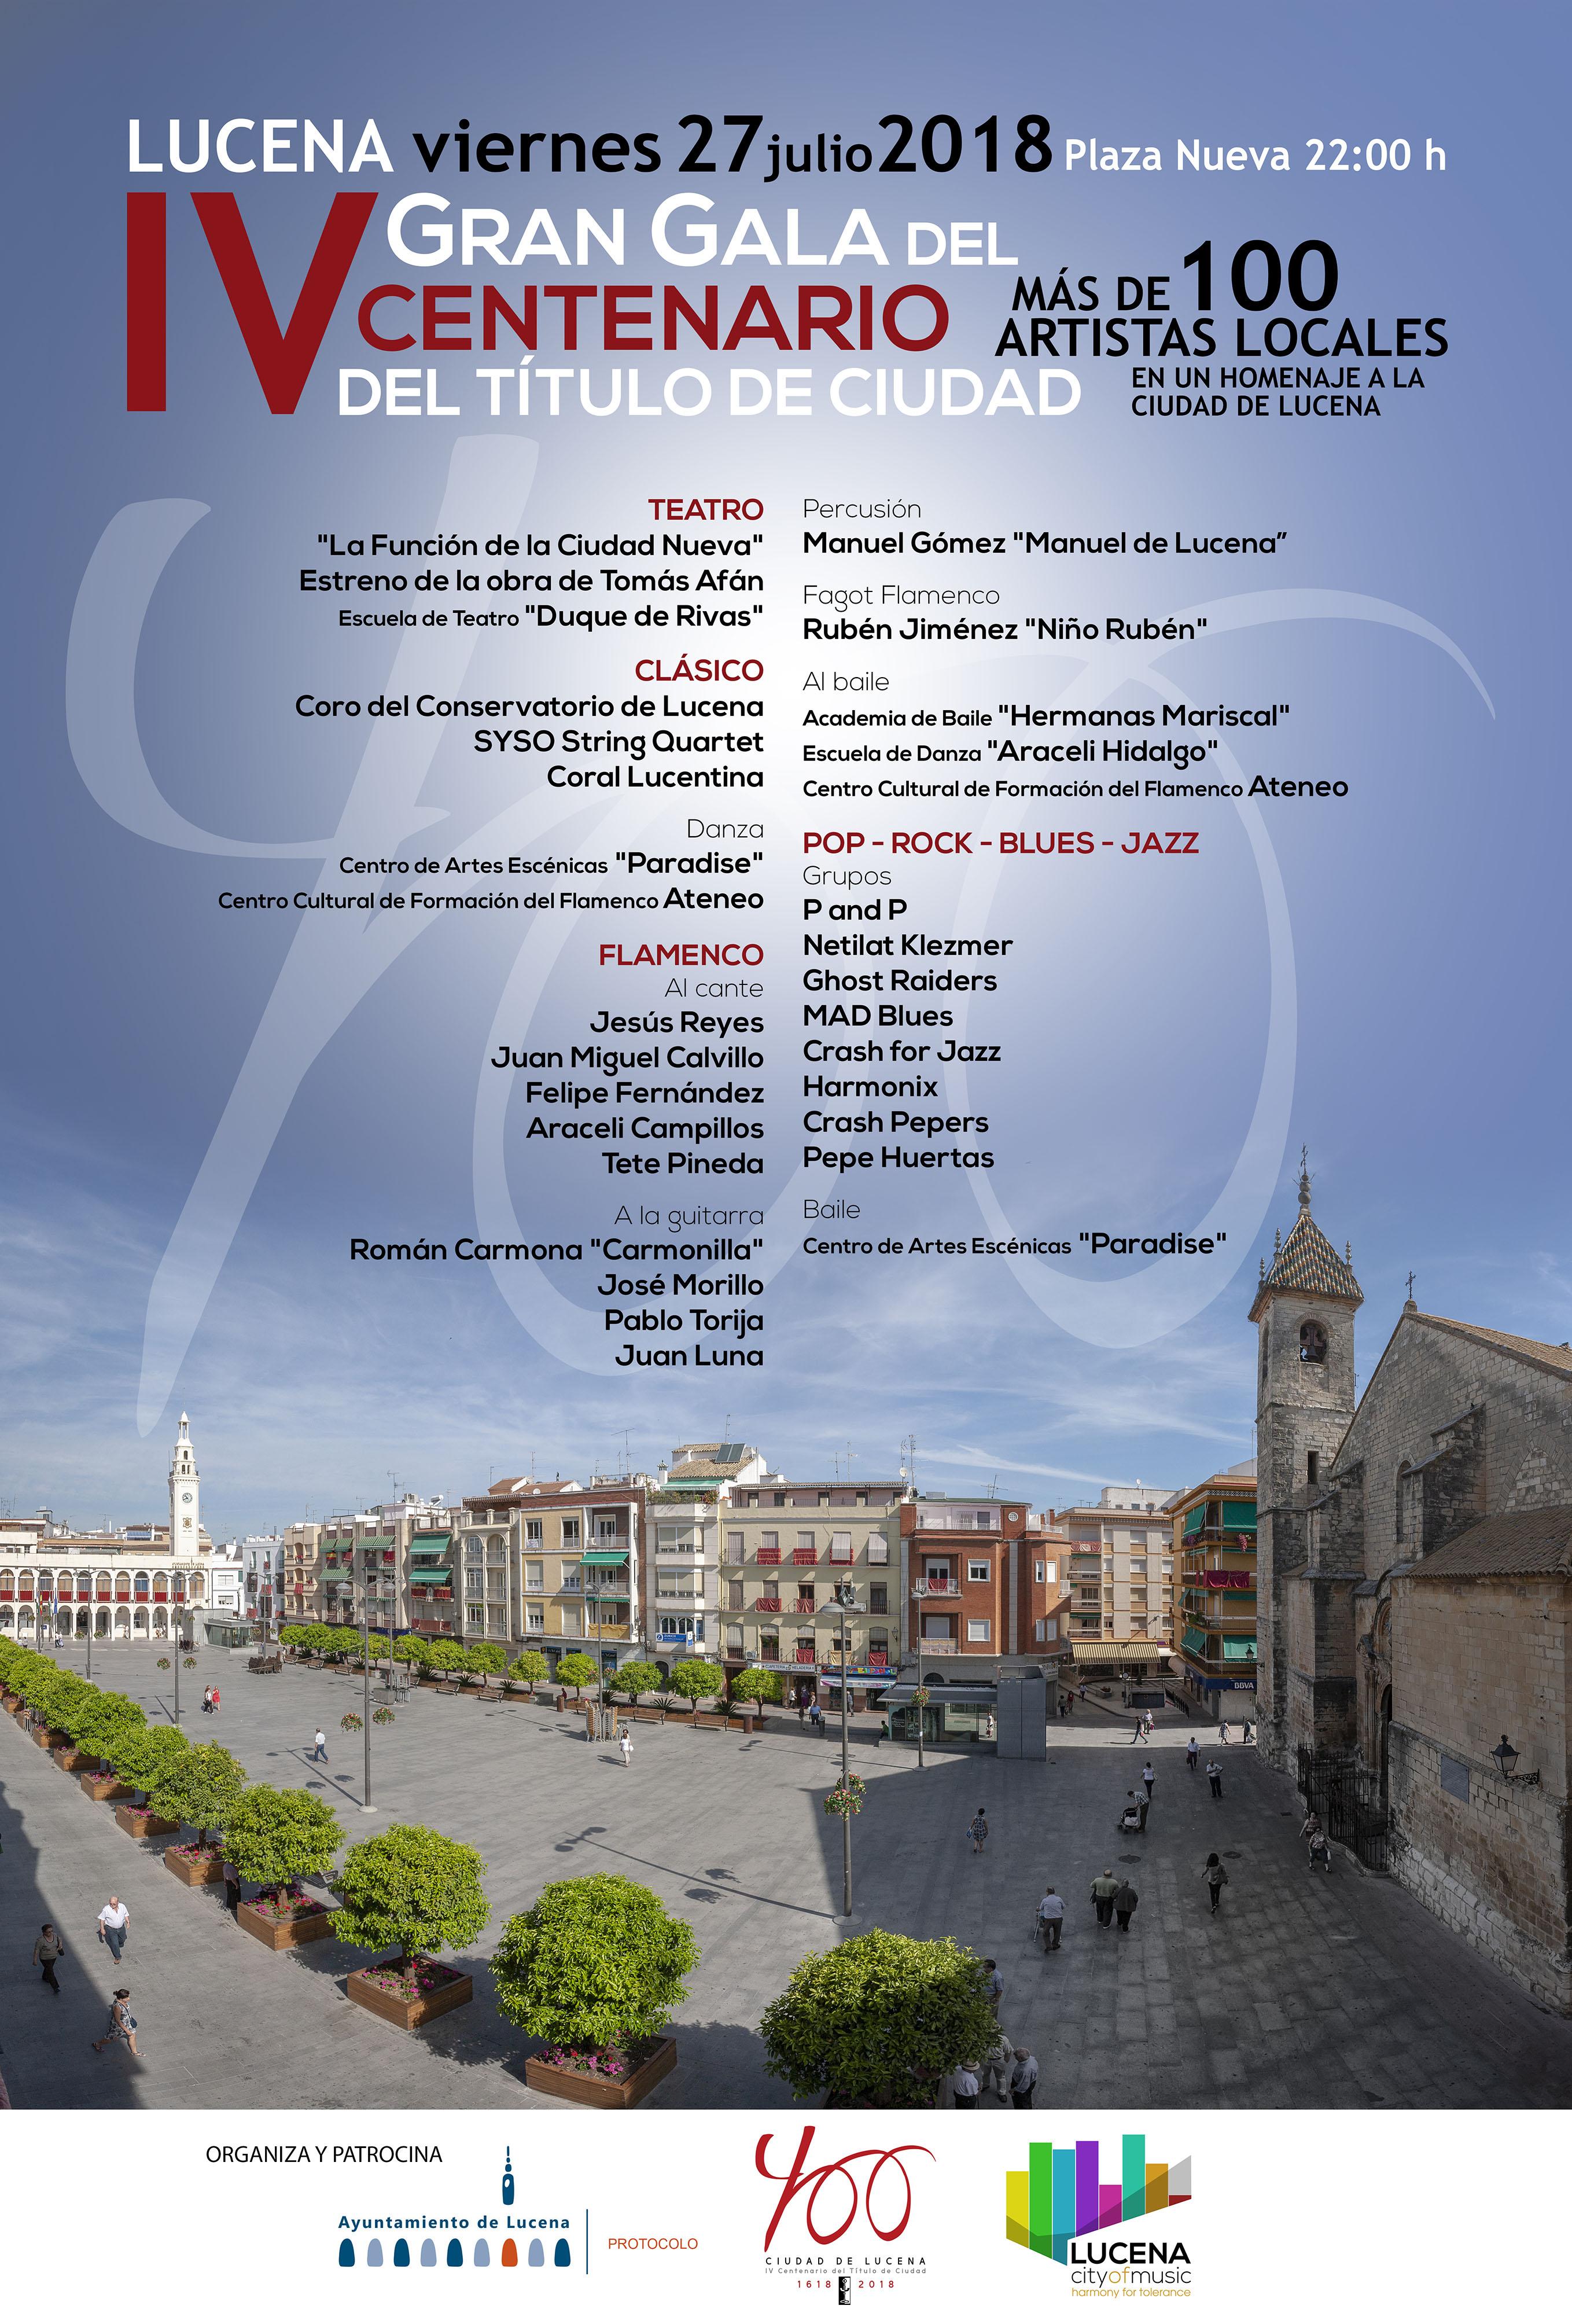 Gran Gala del IV Centenario del Título de Ciudad @ Plaza Nueva